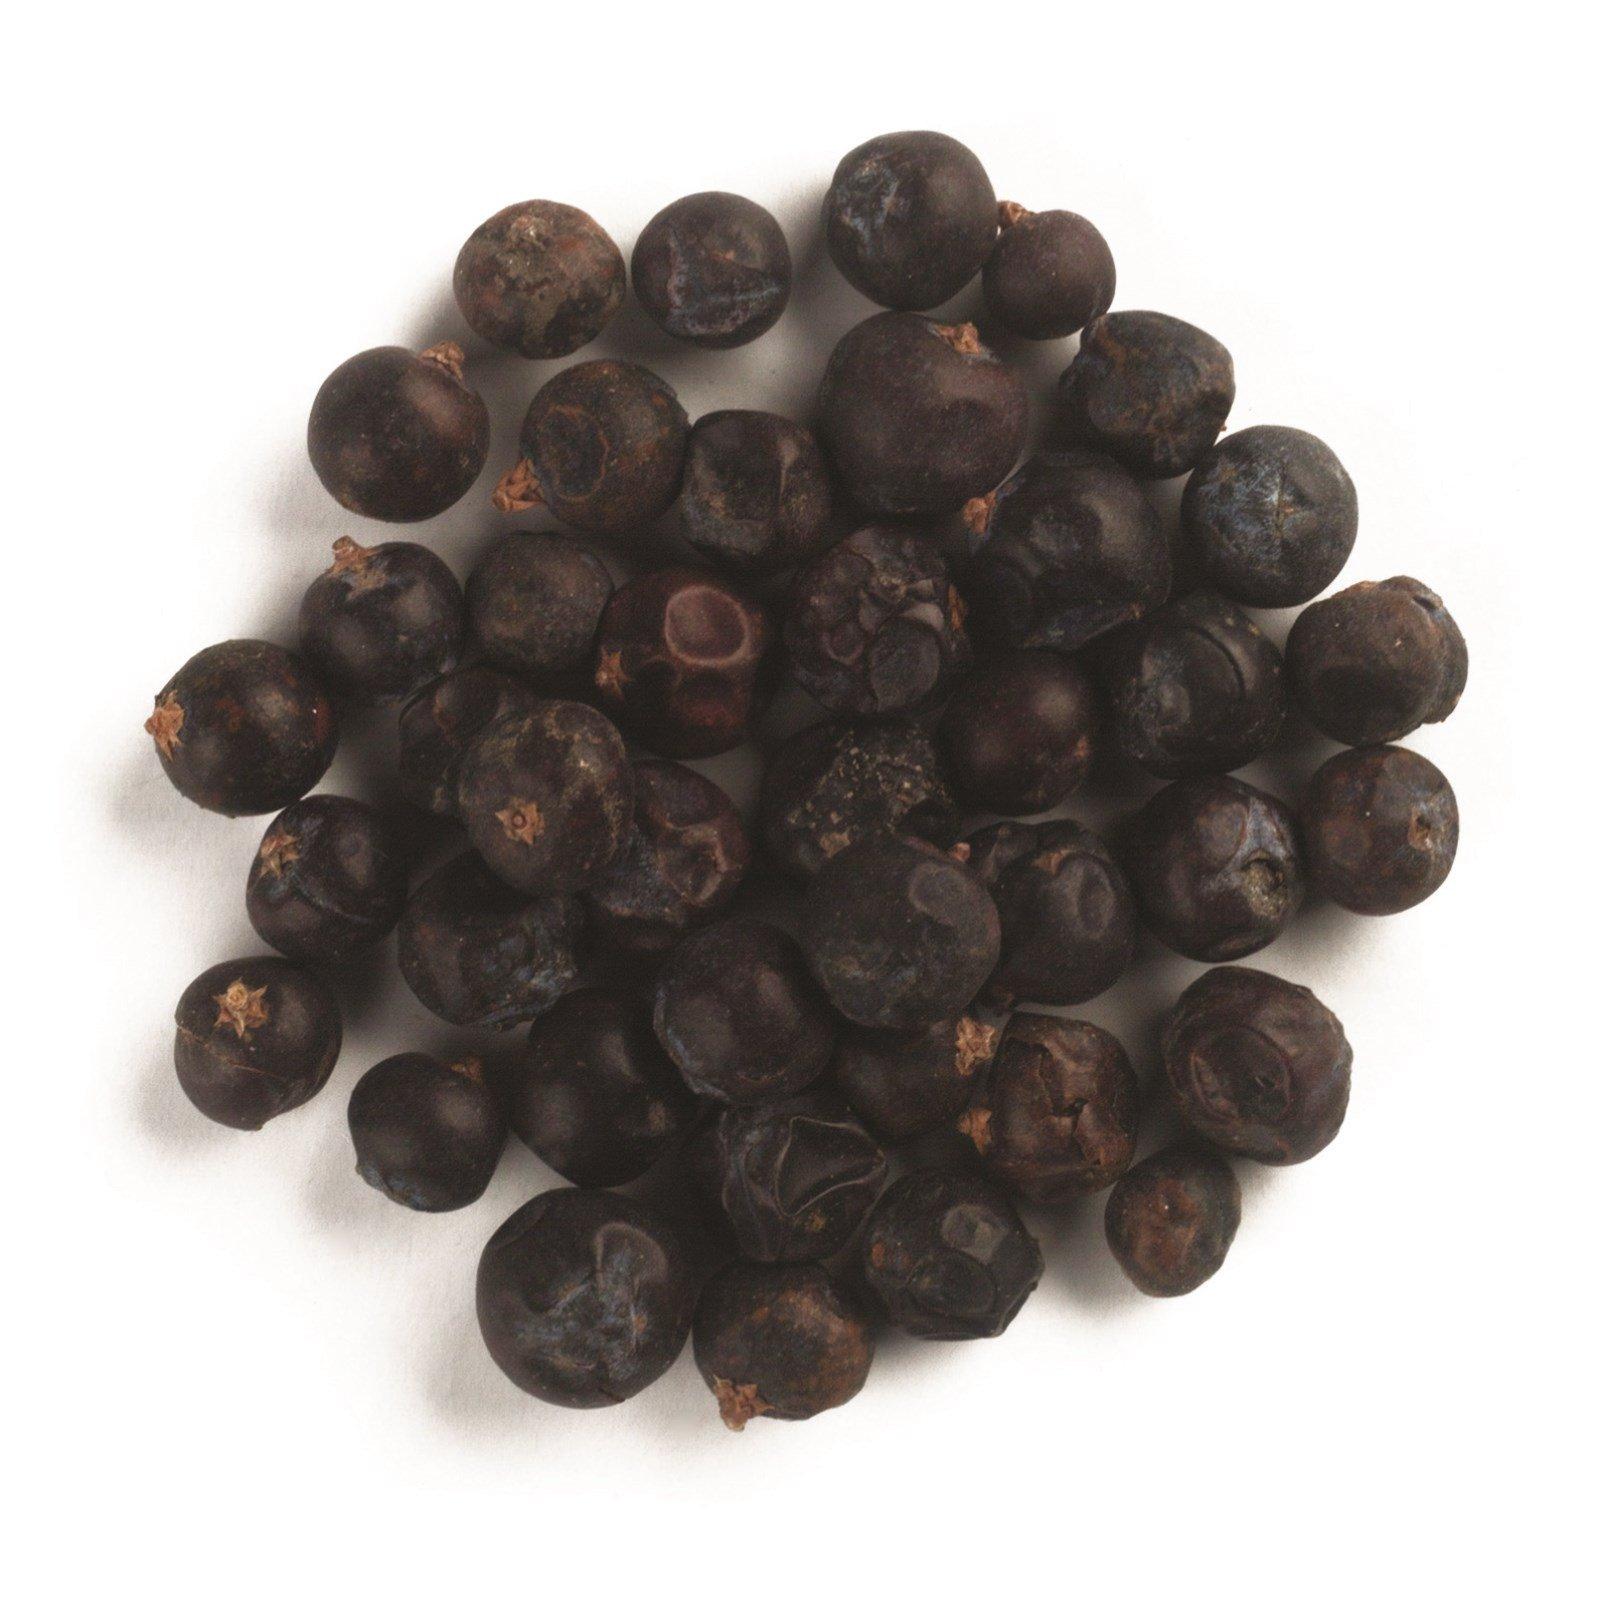 Frontier Natural Products, Органическая цельная можжевеловая ягода, 16 унций (453 г)